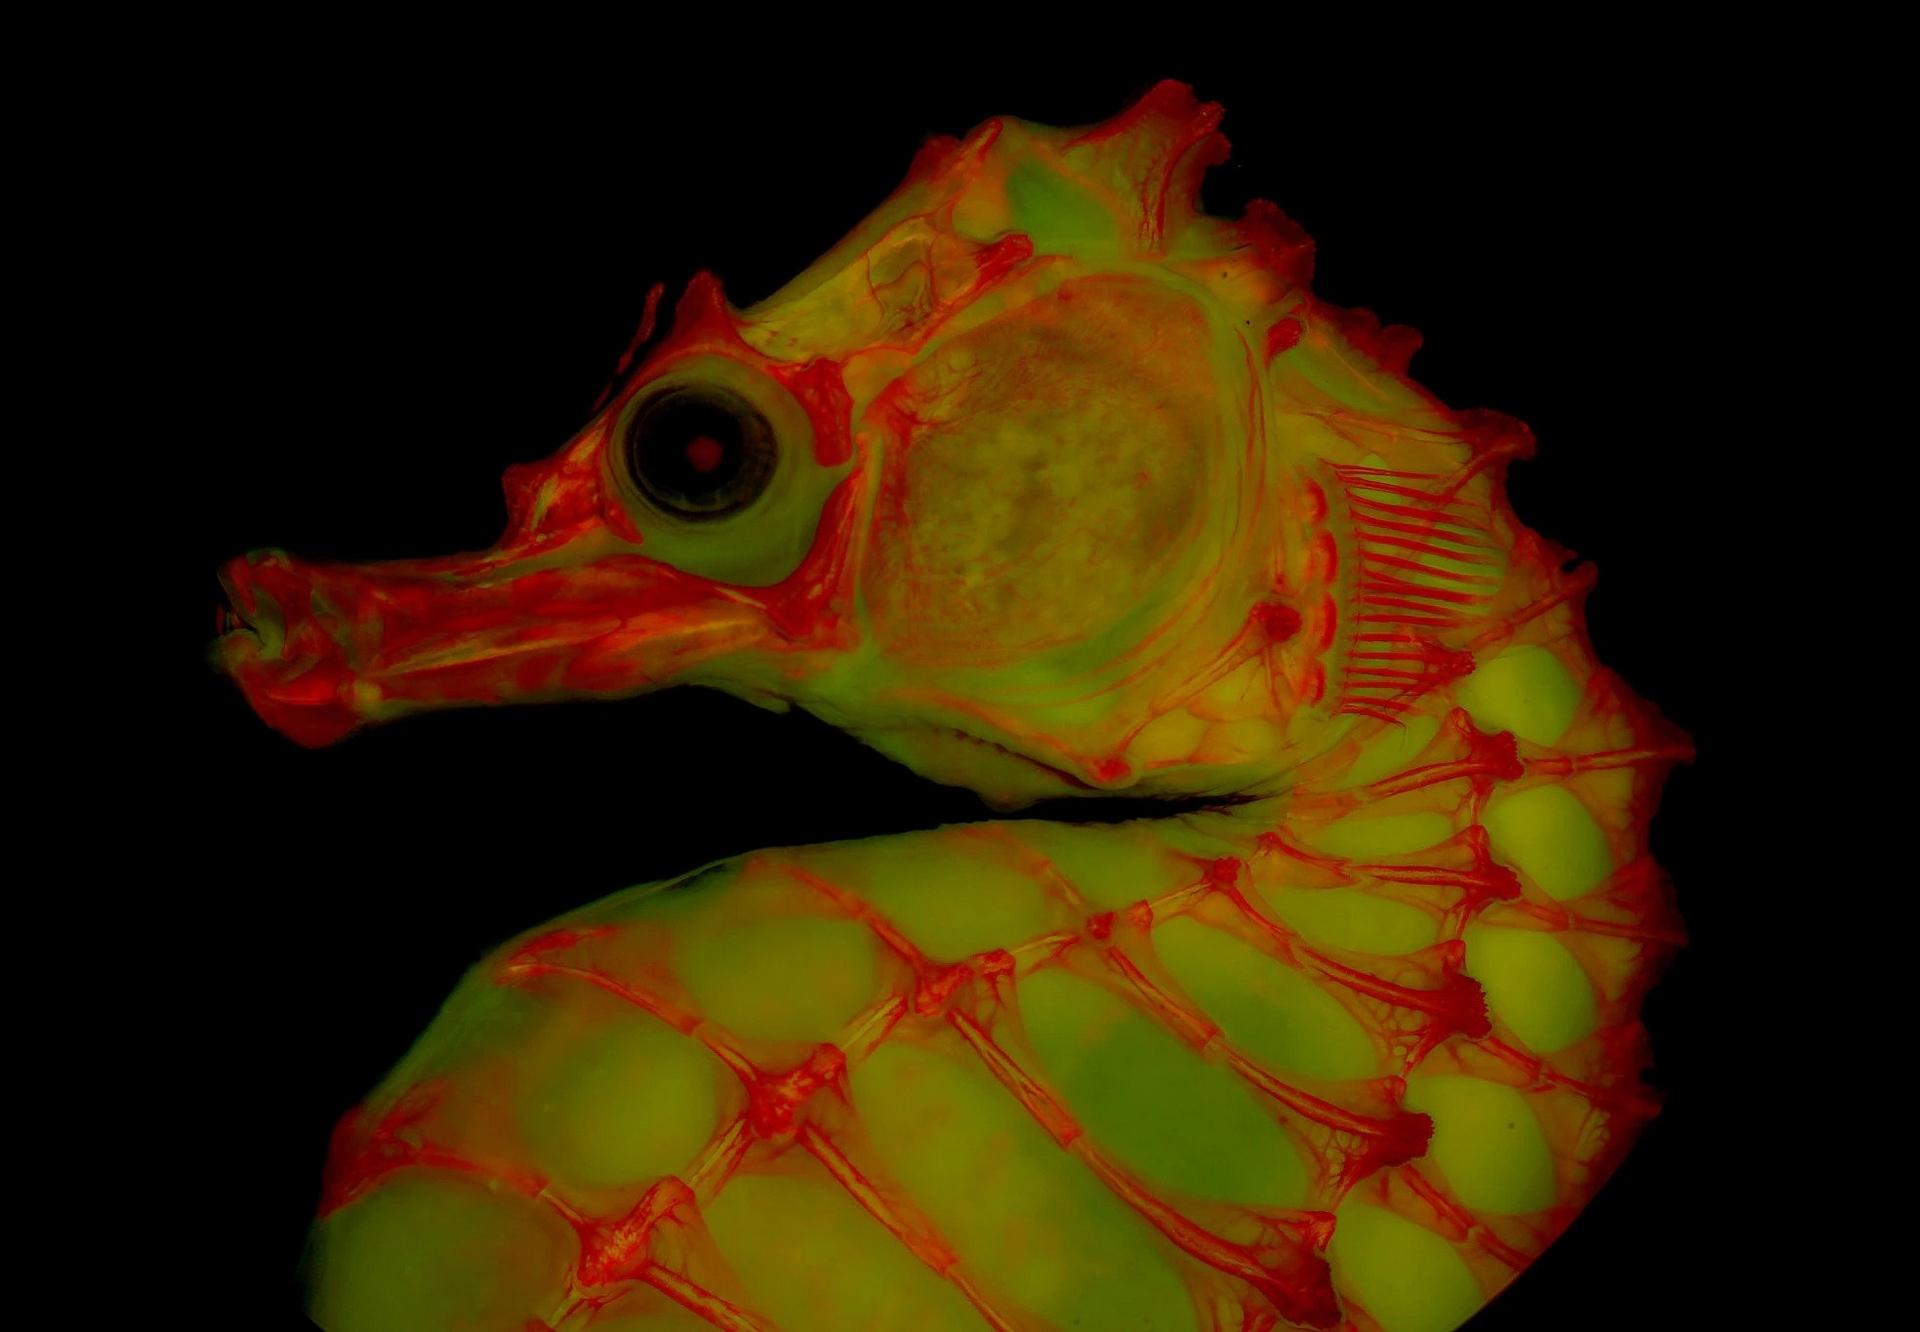 架在甘油明膠混合液中的海馬透明骨骼標本,其身上的染料於螢光燈照耀下發出紅色光芒。這種攝影技術讓科學家能以全新的方式檢視骨骼。PHOTOGRAPH BY LEO SMITH, UNIVERSITY OF KANSAS